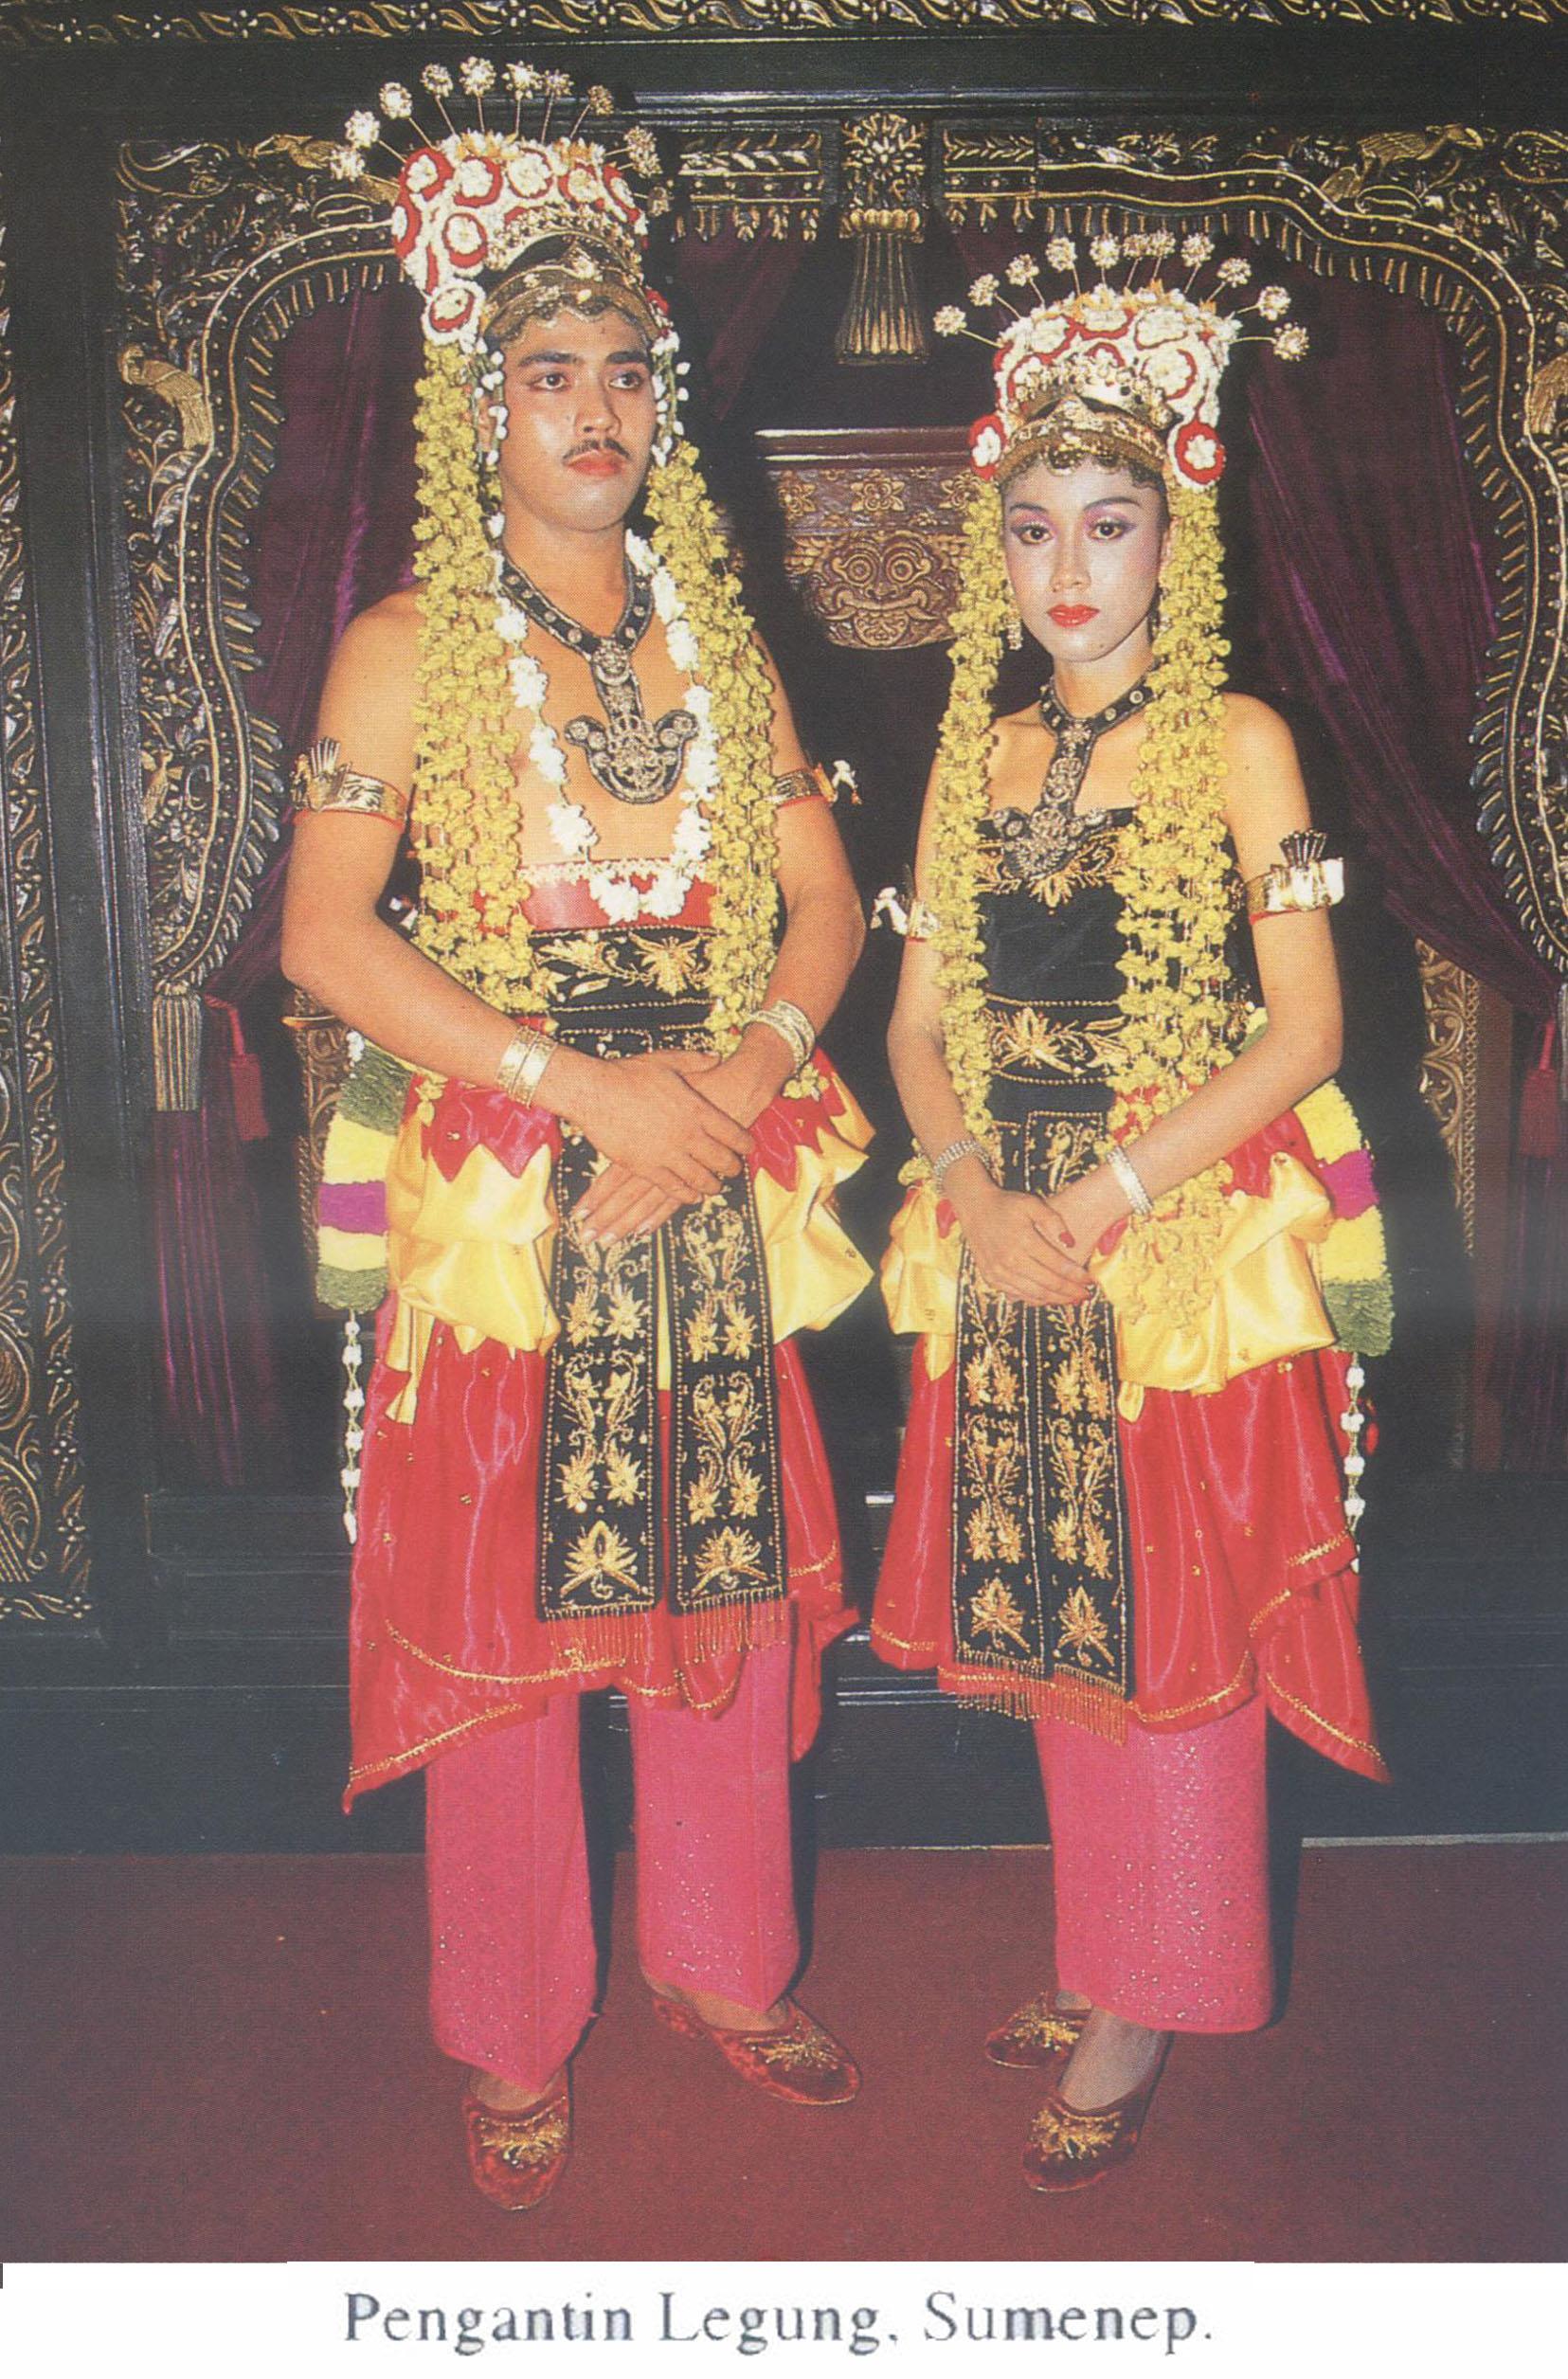 Tahapan Upacara Perkawinan Ngekak Sangger Pusaka Jawatimuran Kue Bakpia By Kuliner Yulis Saekowati Akumandiri Pengantin Legung